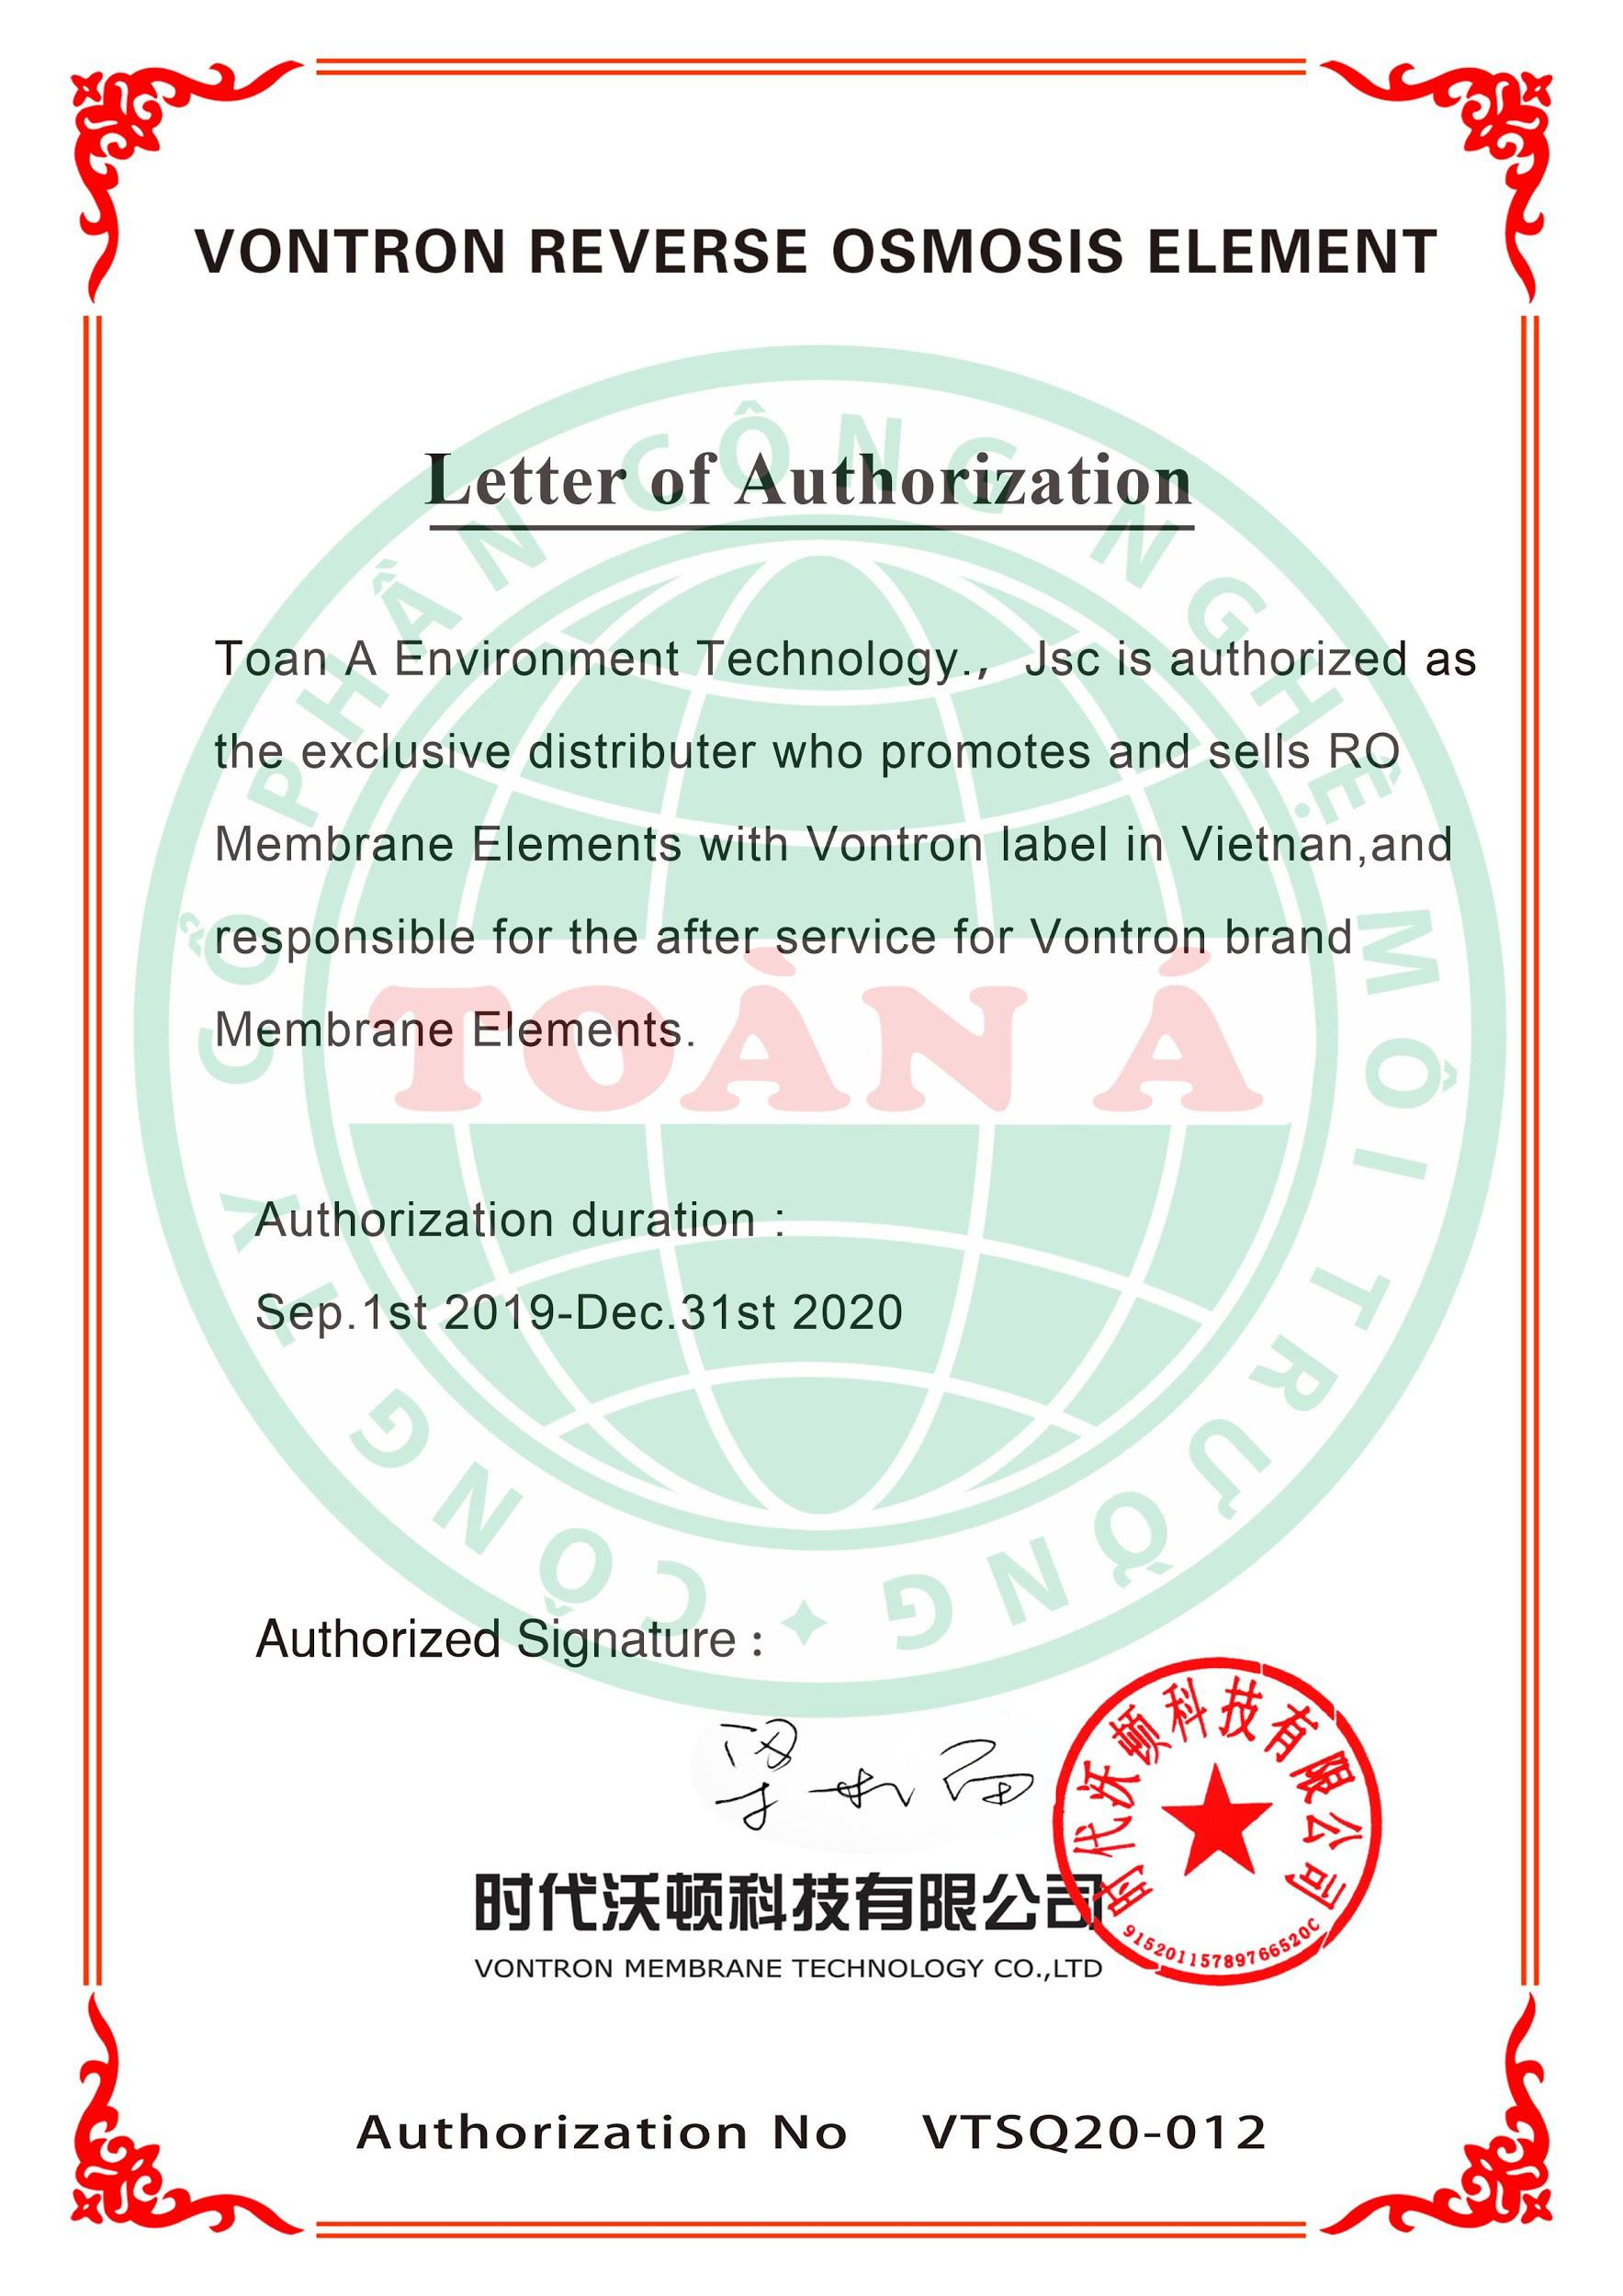 Toàn Á – Nhà phân phối hệ thống lọc nước tinh khiết RO uy tín tại Việt Nam - Ảnh 4.